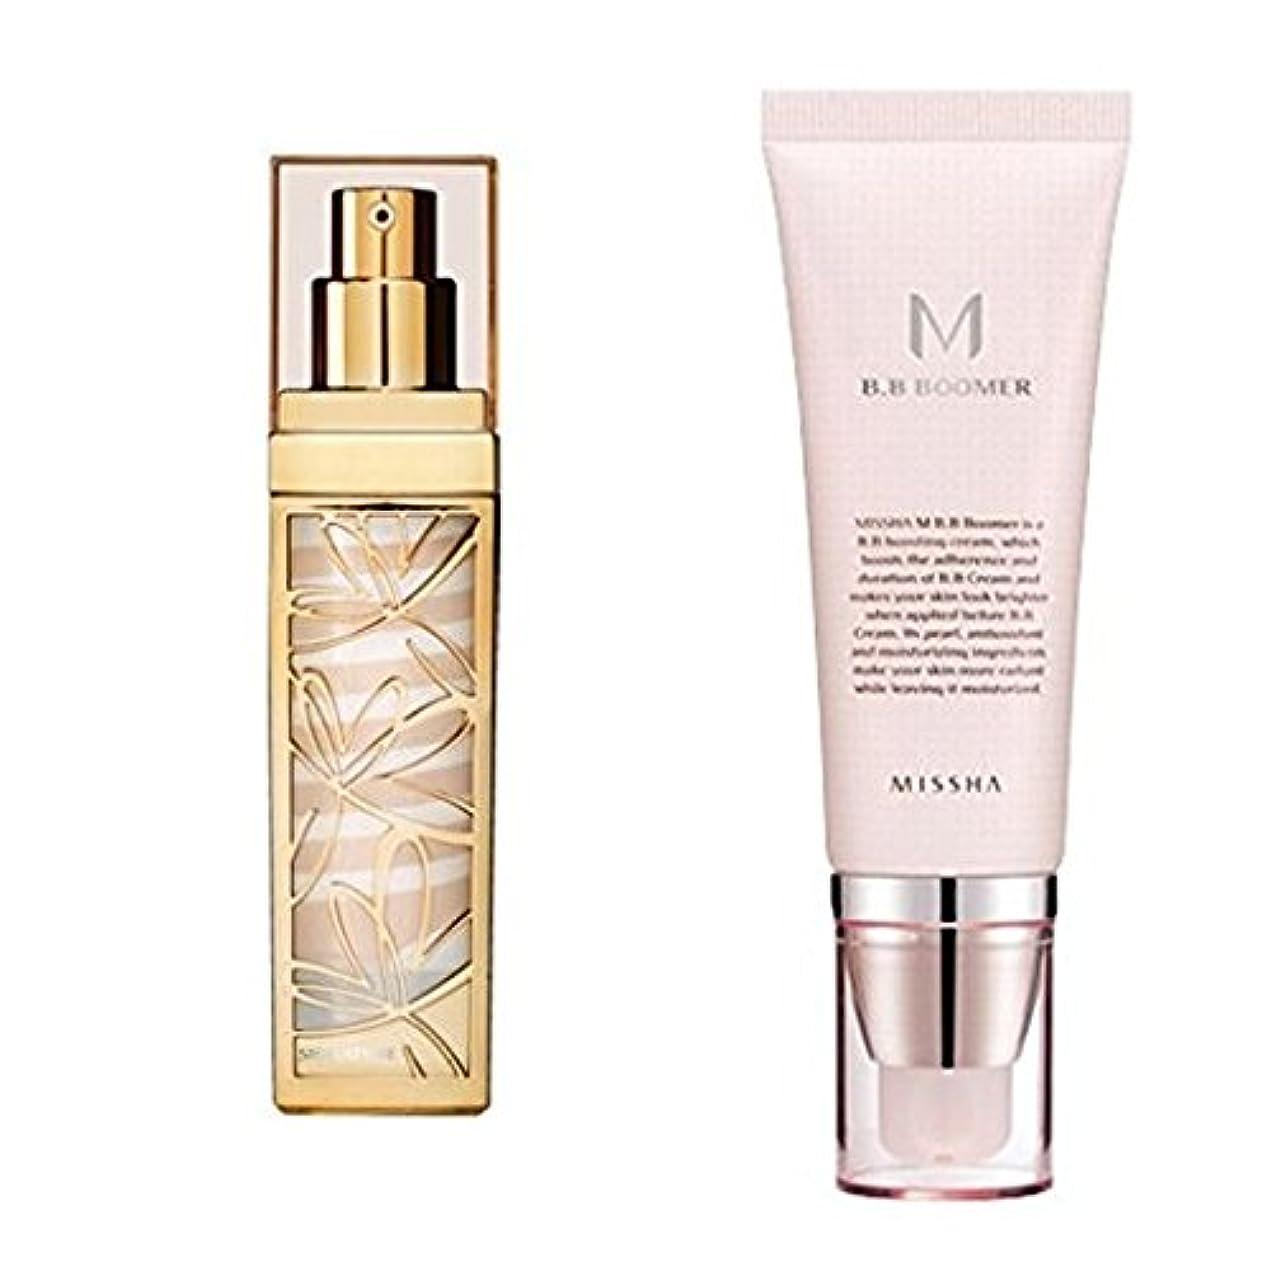 やる切り離す対MISSHA Signature Wrinkle Fill up BB Cream #21 + BB Boomer / ミシャ シグネチャー リンクルフィラー BBクリーム 44g + M BBブーマー40ml [並行輸入品]